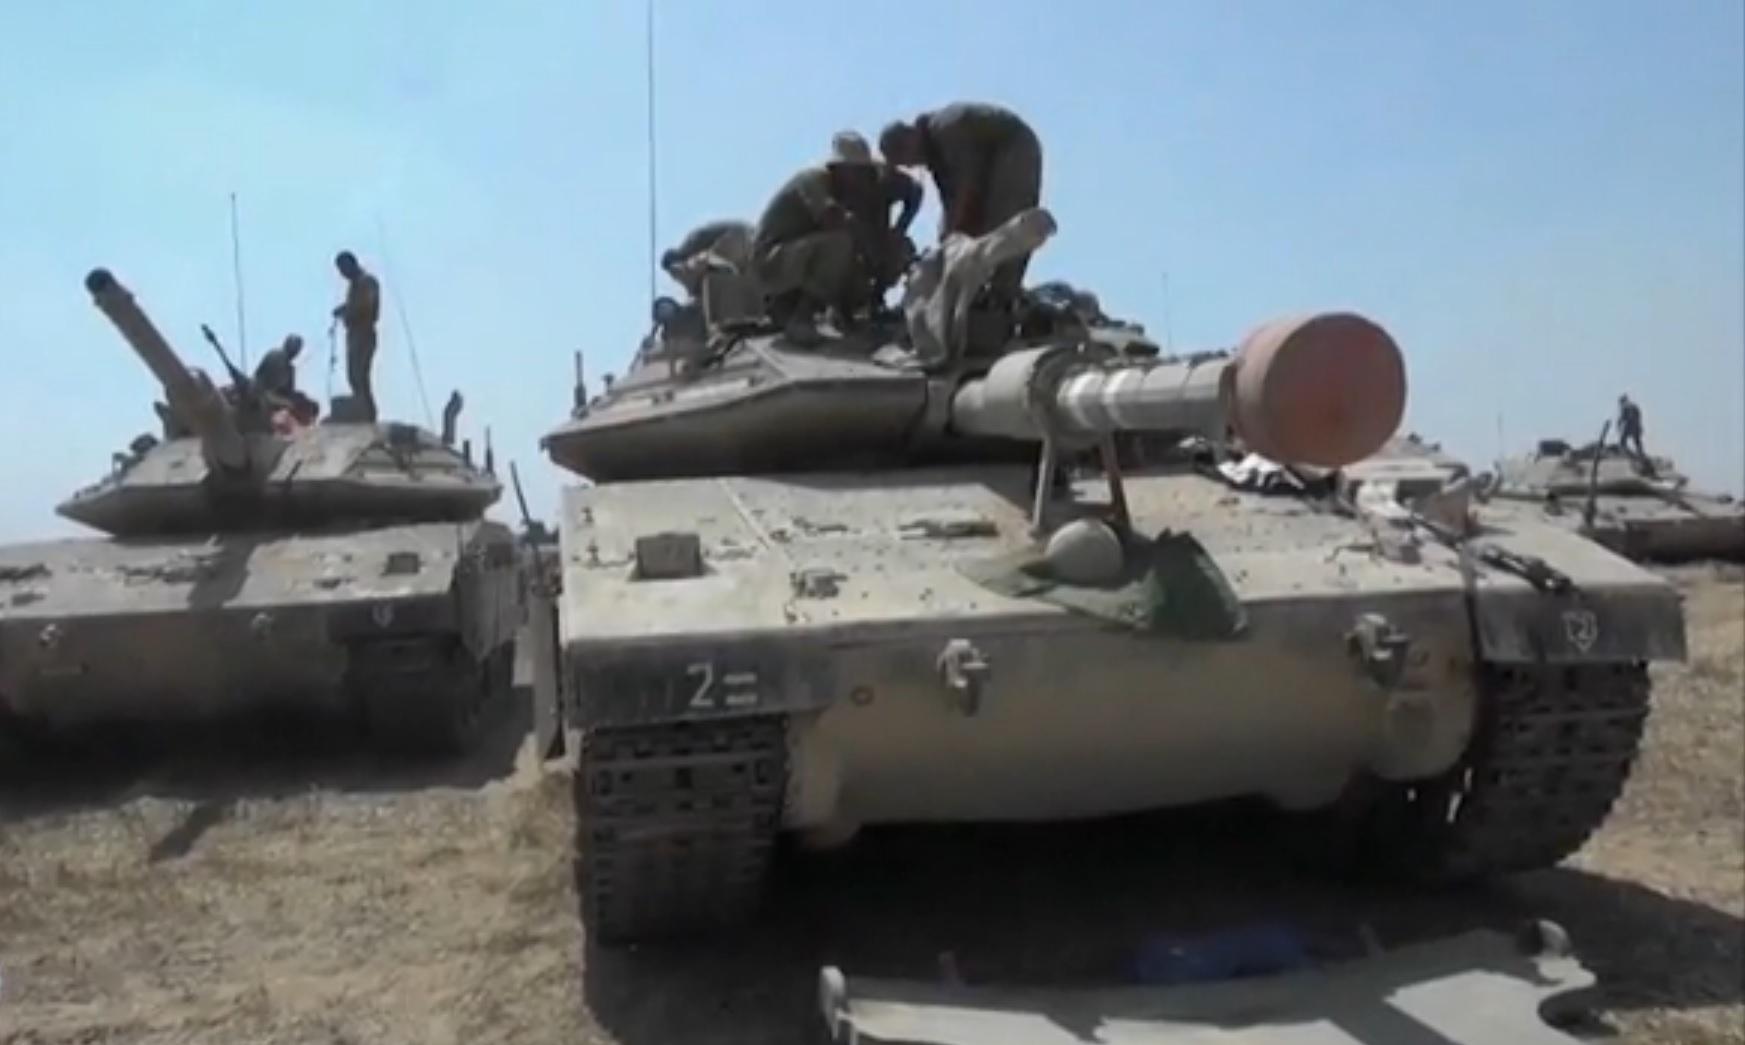 טנק ישראלי בגבול הרצועה במהלך מבצע צוק איתן (צילום מסך: יוטיוב)